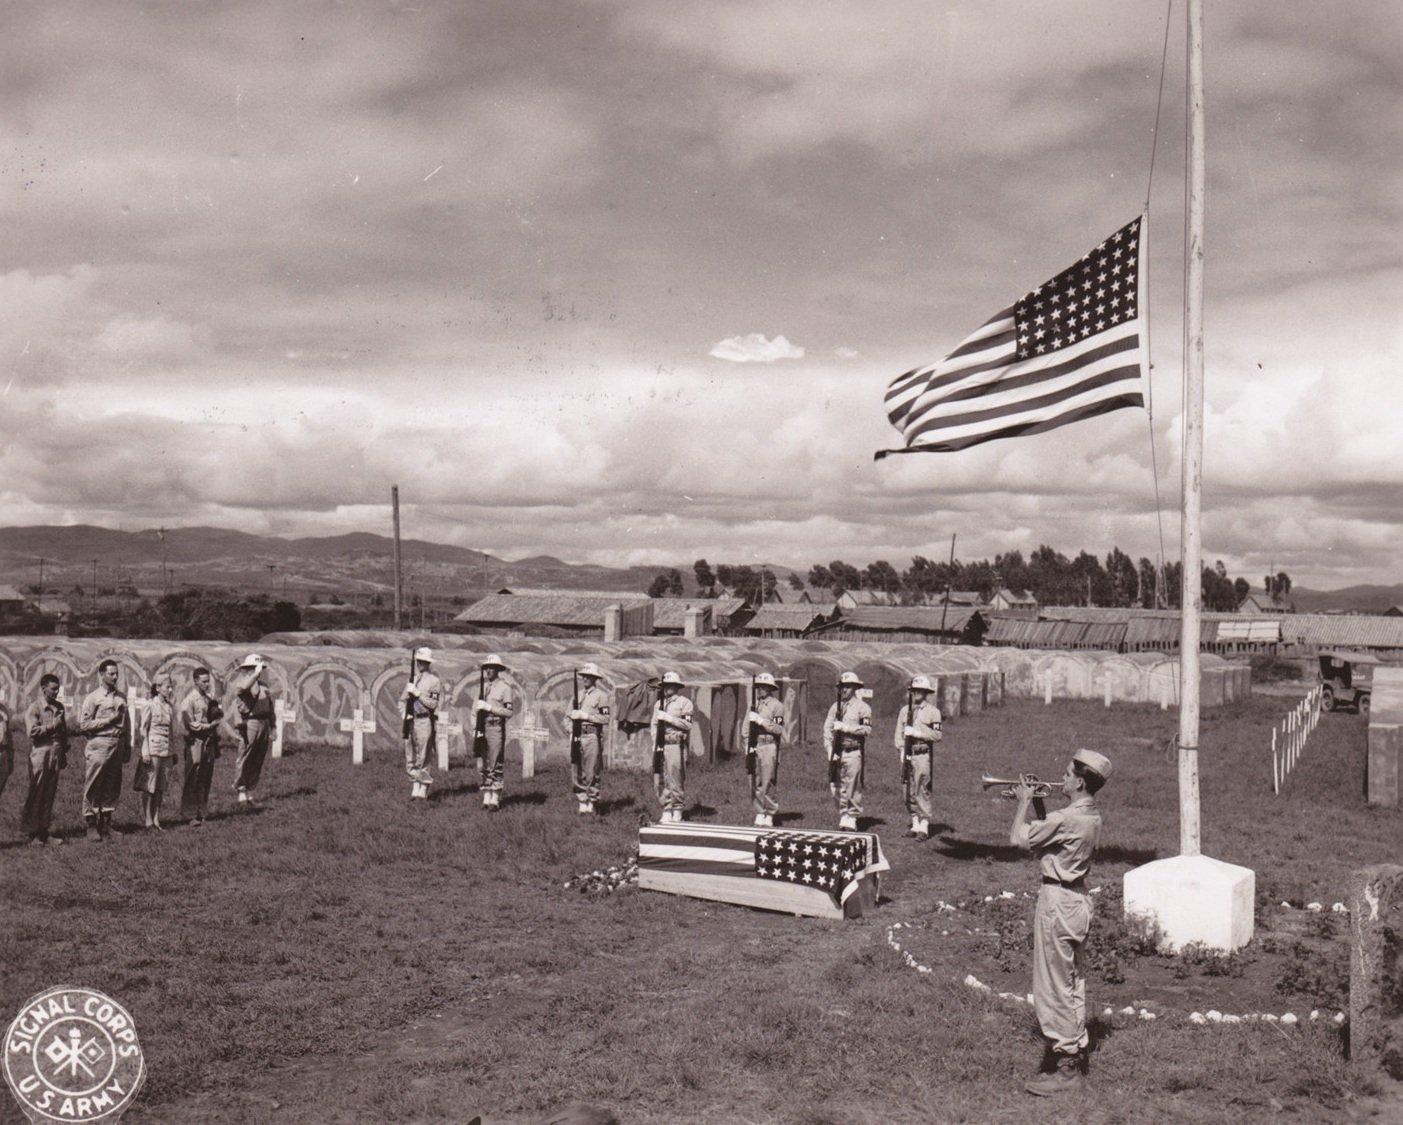 安息号在美国军队土葬仪式上奏响, 悼念来自密歇根州兰斯 475步兵团的谢尔顿・罗伯特一等兵。亨德里克五级技术军士拍摄于中国昆明,1945年7月17日